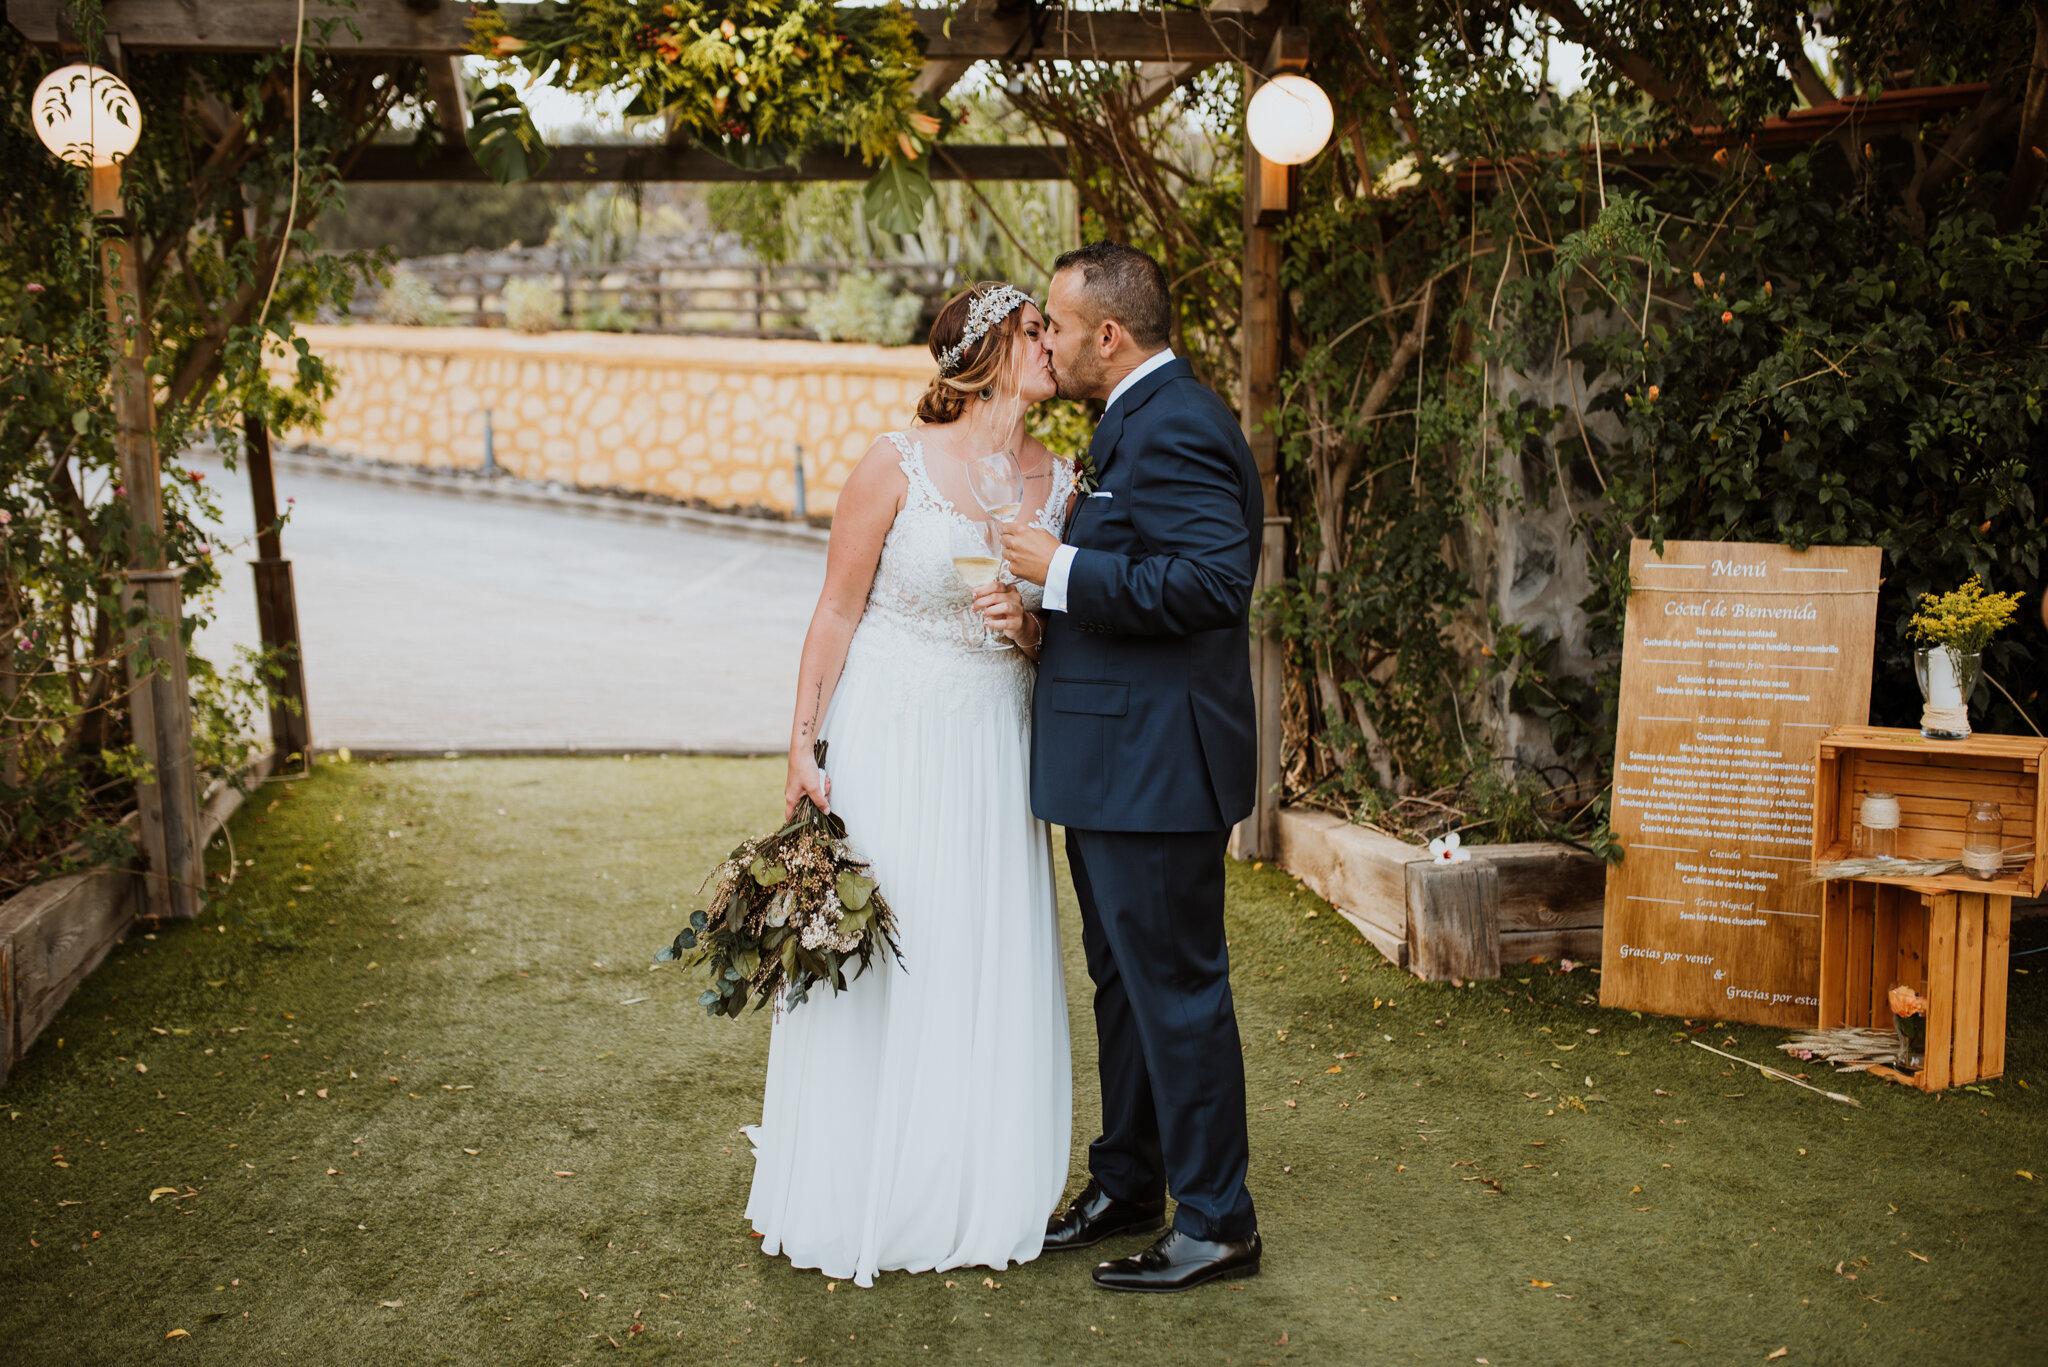 fotografo de bodas las palmas_-104.jpg